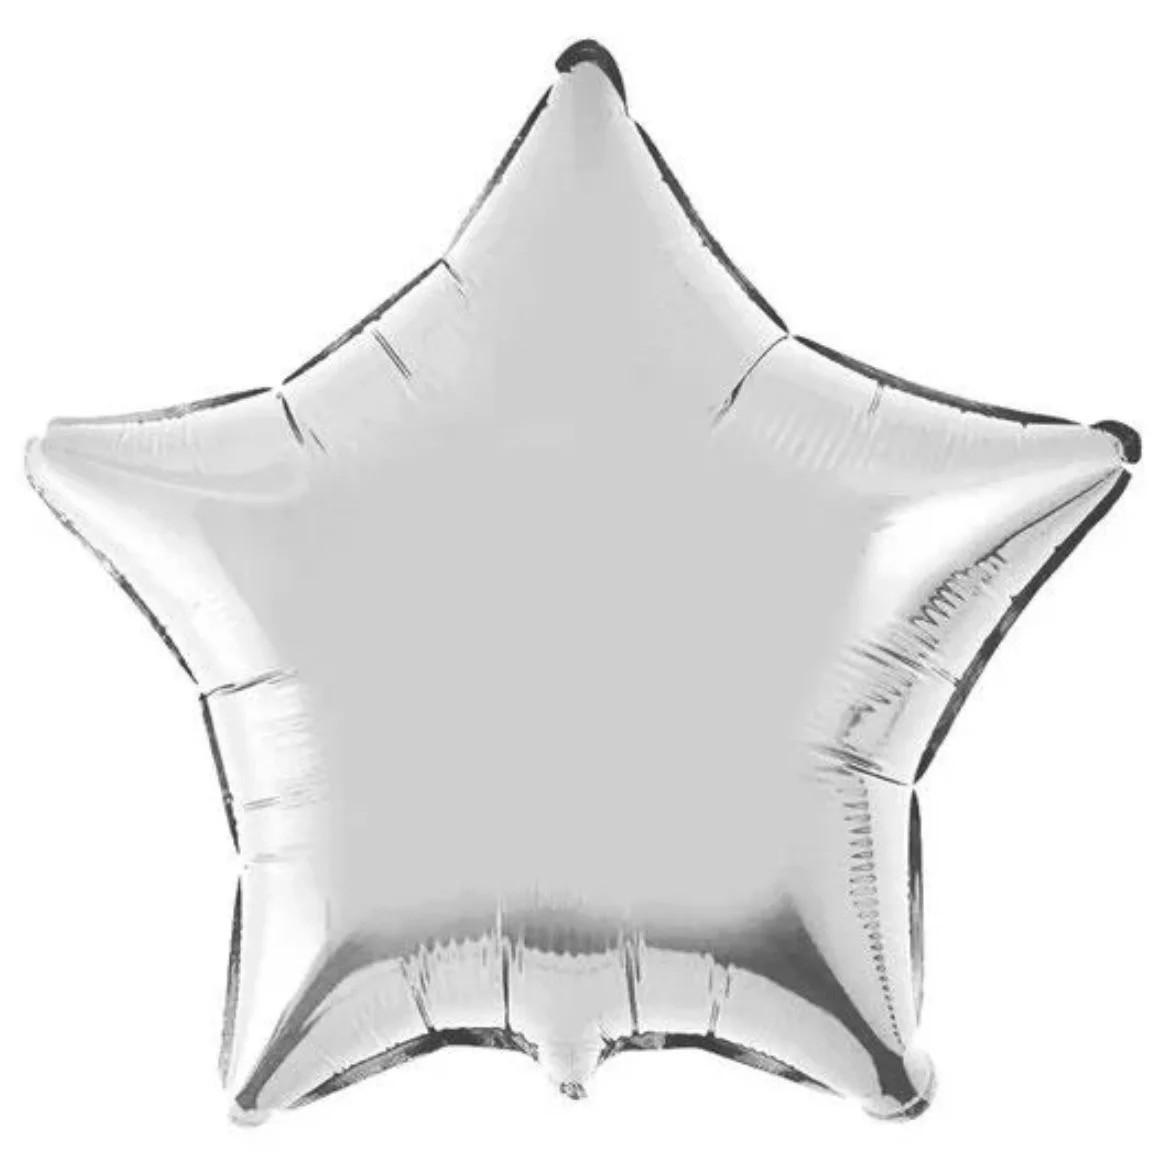 Фольгированный шар 5' Китай Звезда серебро, 12 см